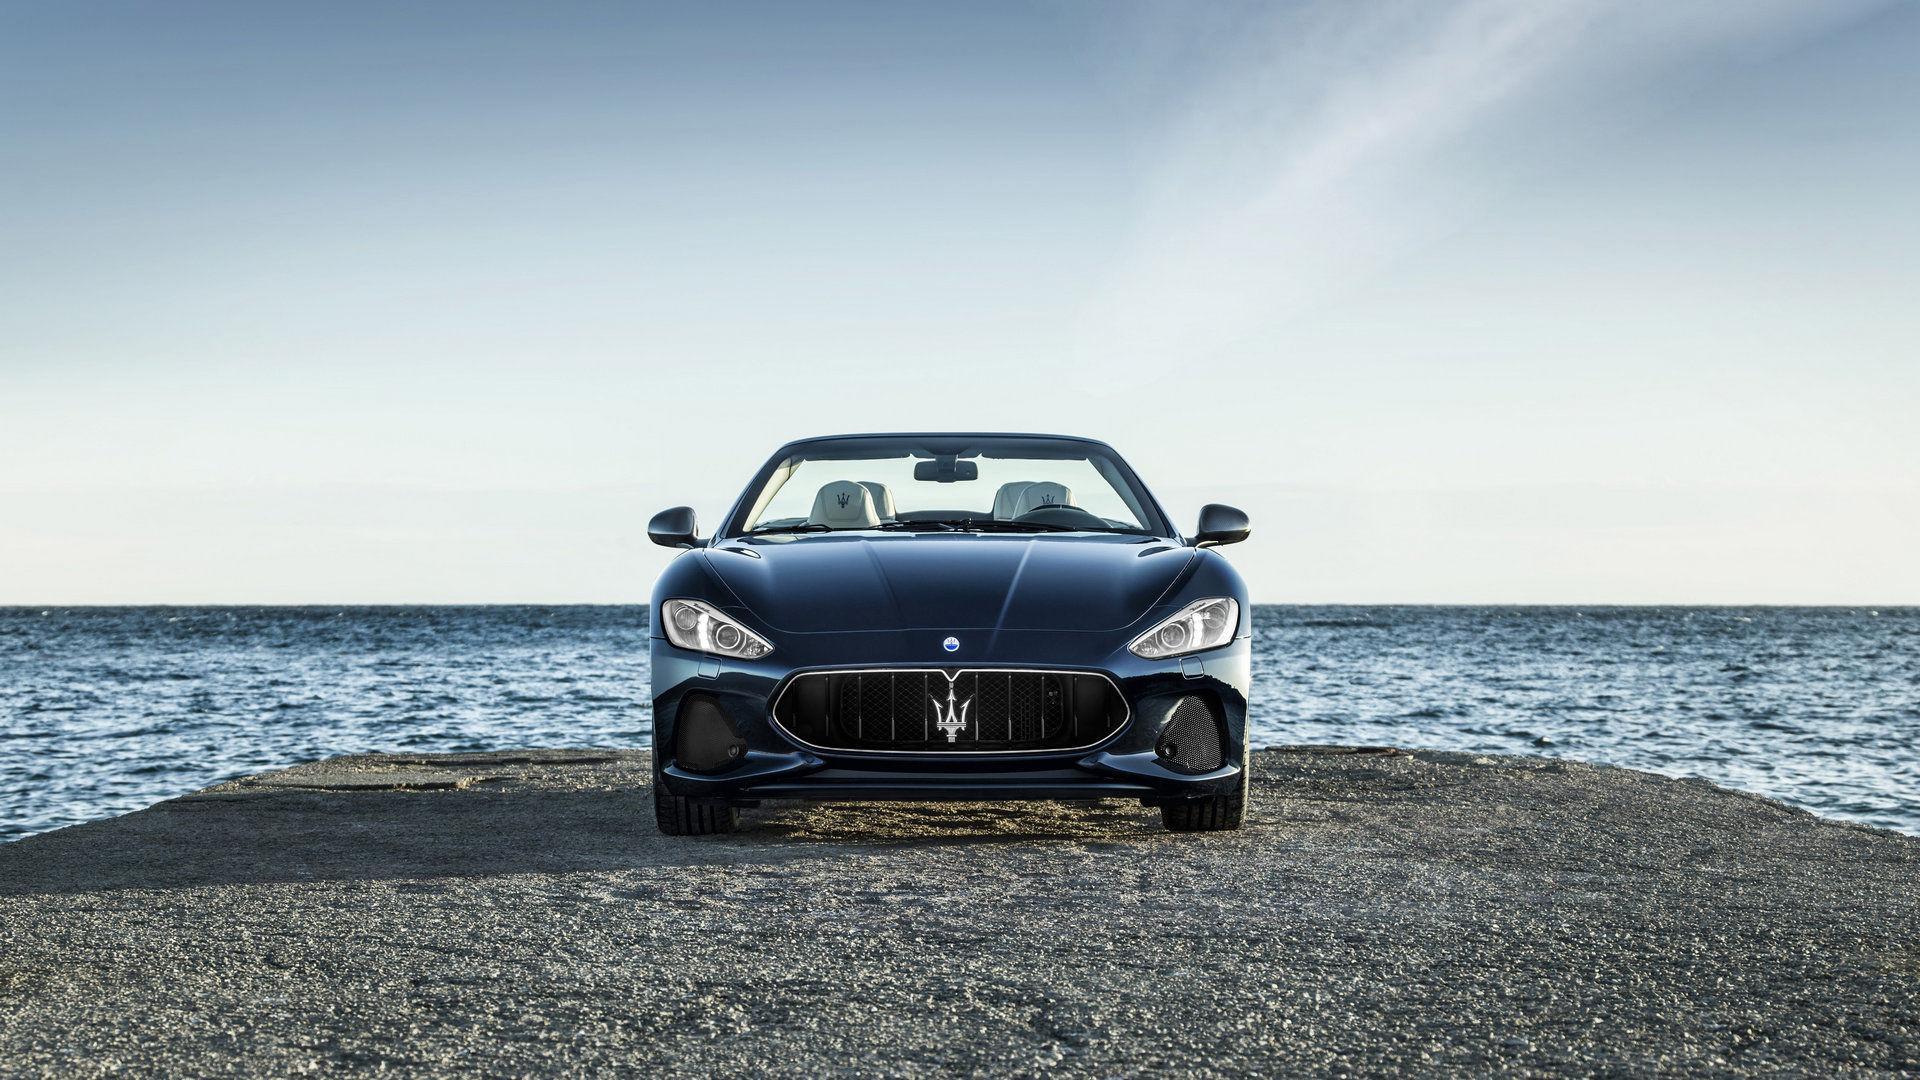 Blue Maserati GranTurismo Convertible - Front view